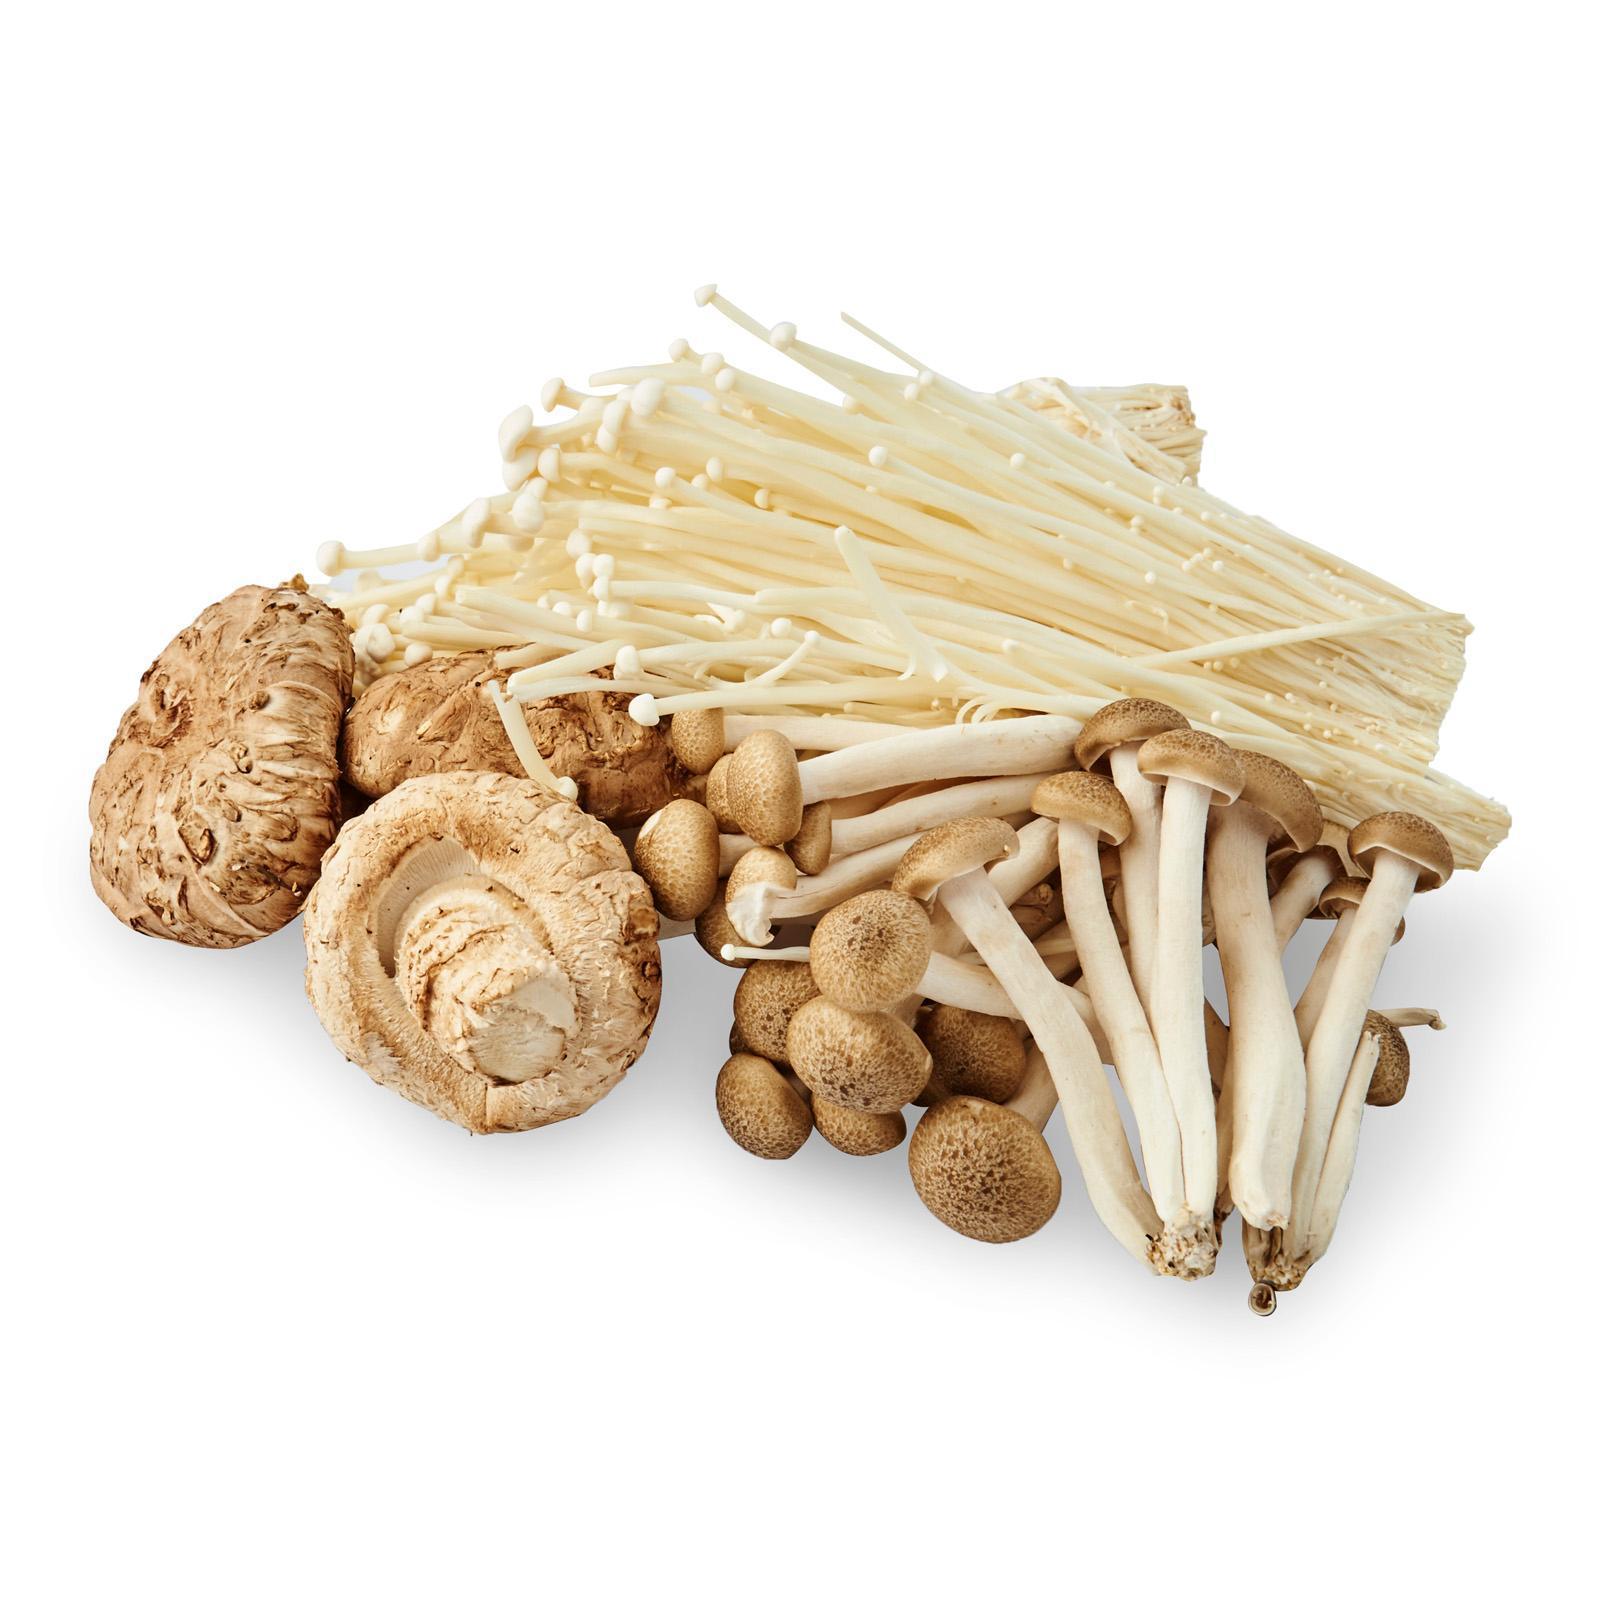 Mushroom Gourmet 3-In-1 Mixed Mushrooms